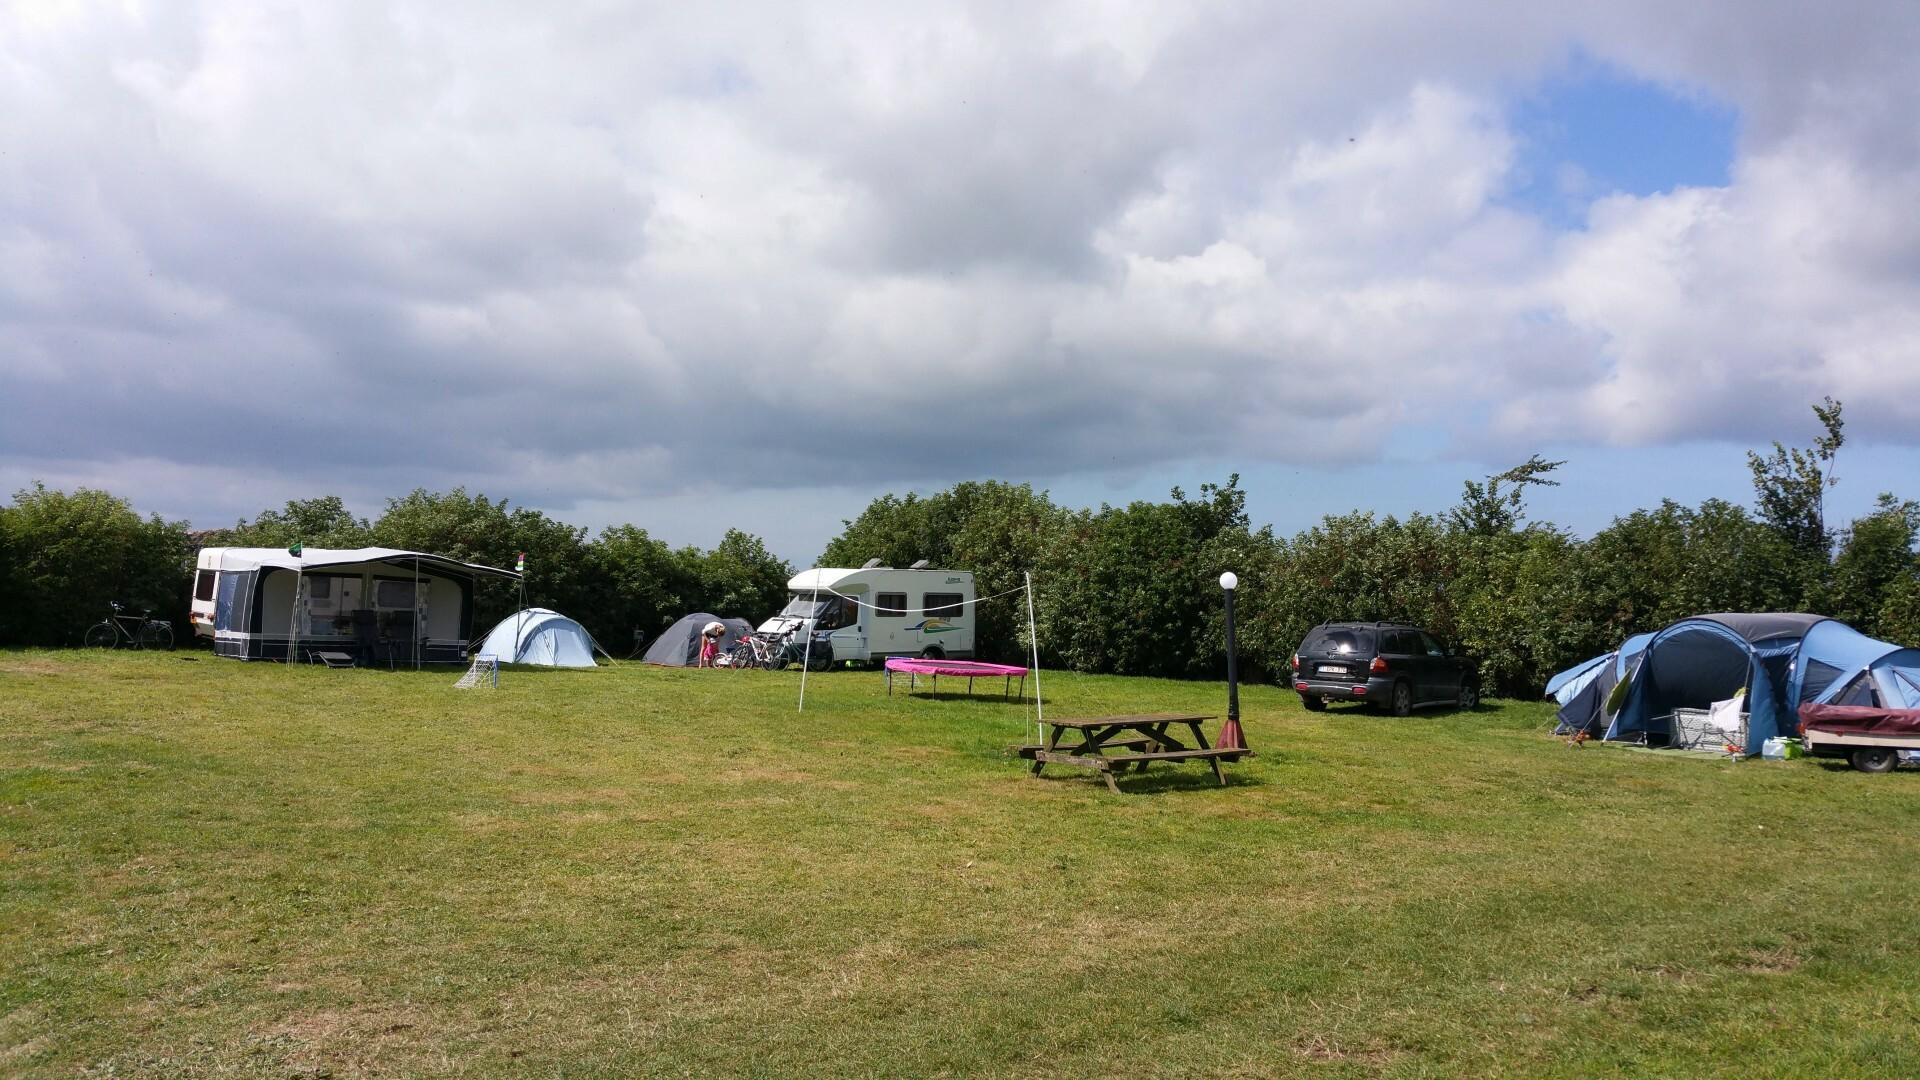 Kampeerplek camping Hoeve Margriet VVV Texeljpg